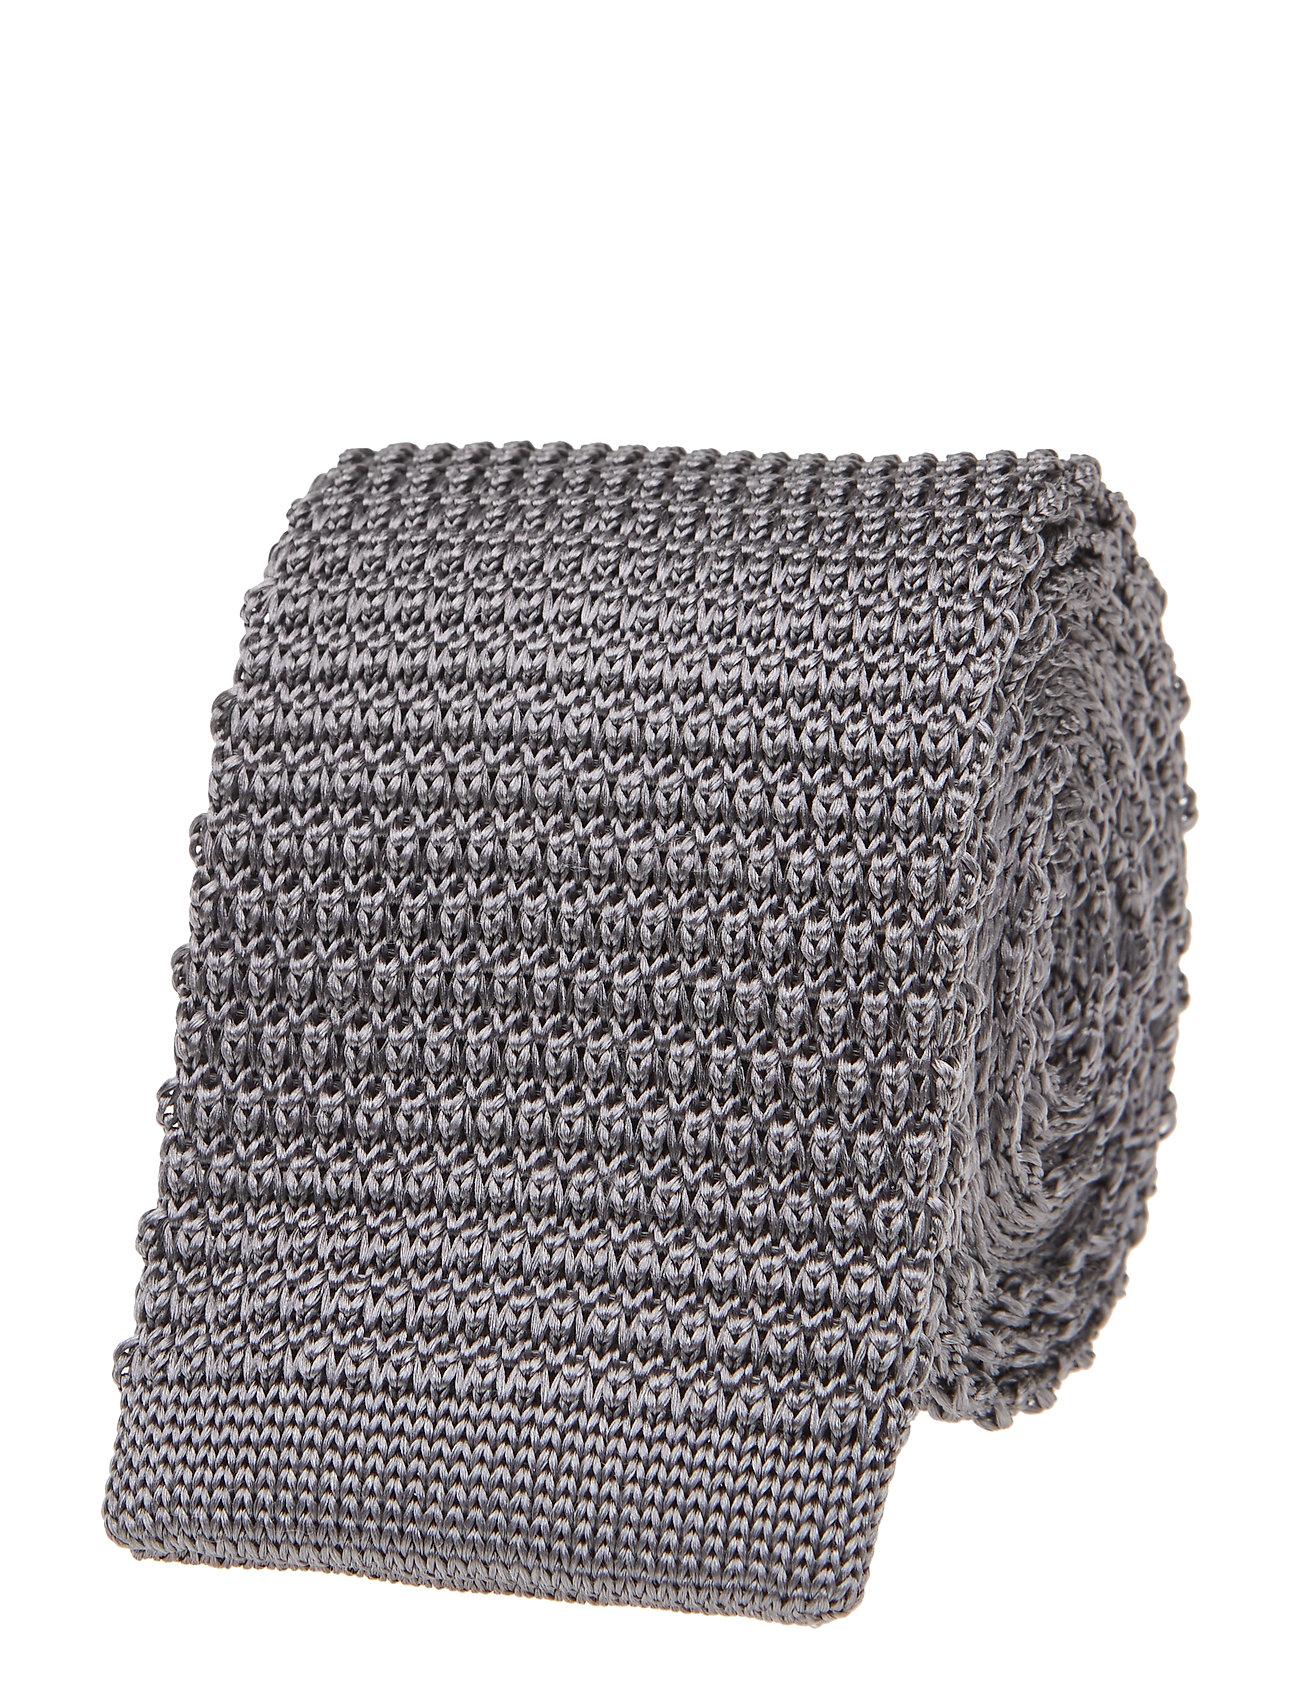 Image of Knitted Tie Slips Grå Amanda Christensen (3367558087)